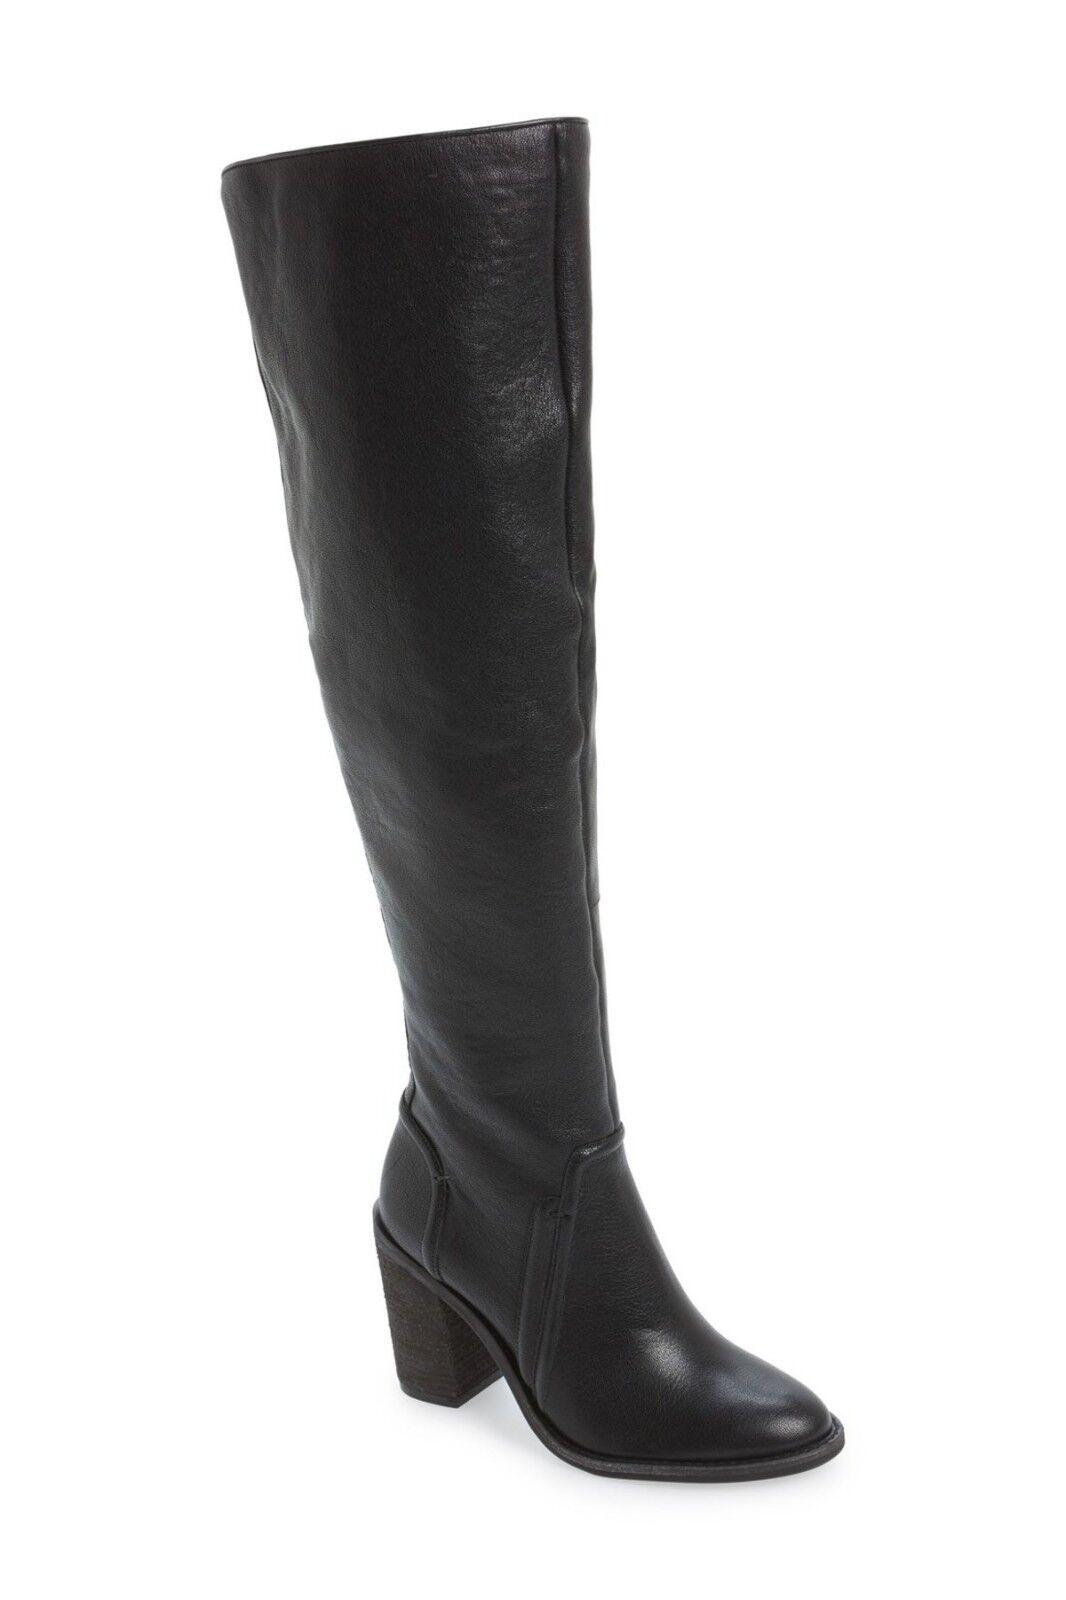 tienda de ventas outlet Nuevo Vince Camuto Melaya over-the-Rodilla Bota, cuero negro, tamaño tamaño tamaño 5, 240    de moda